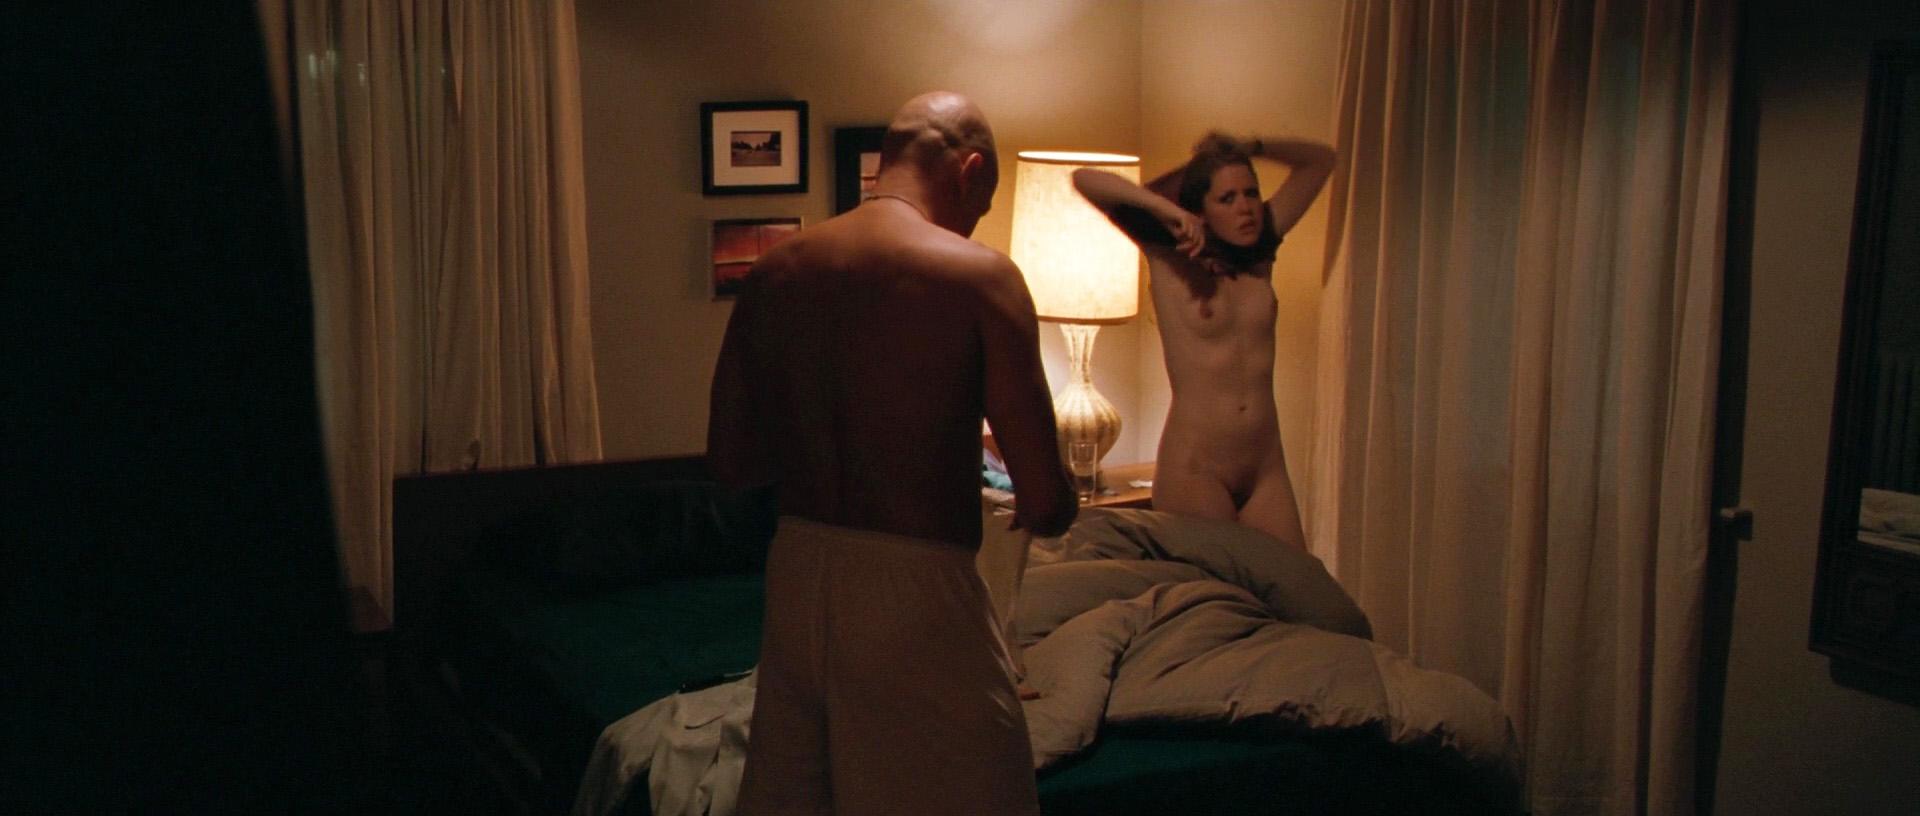 malone scene sex jena